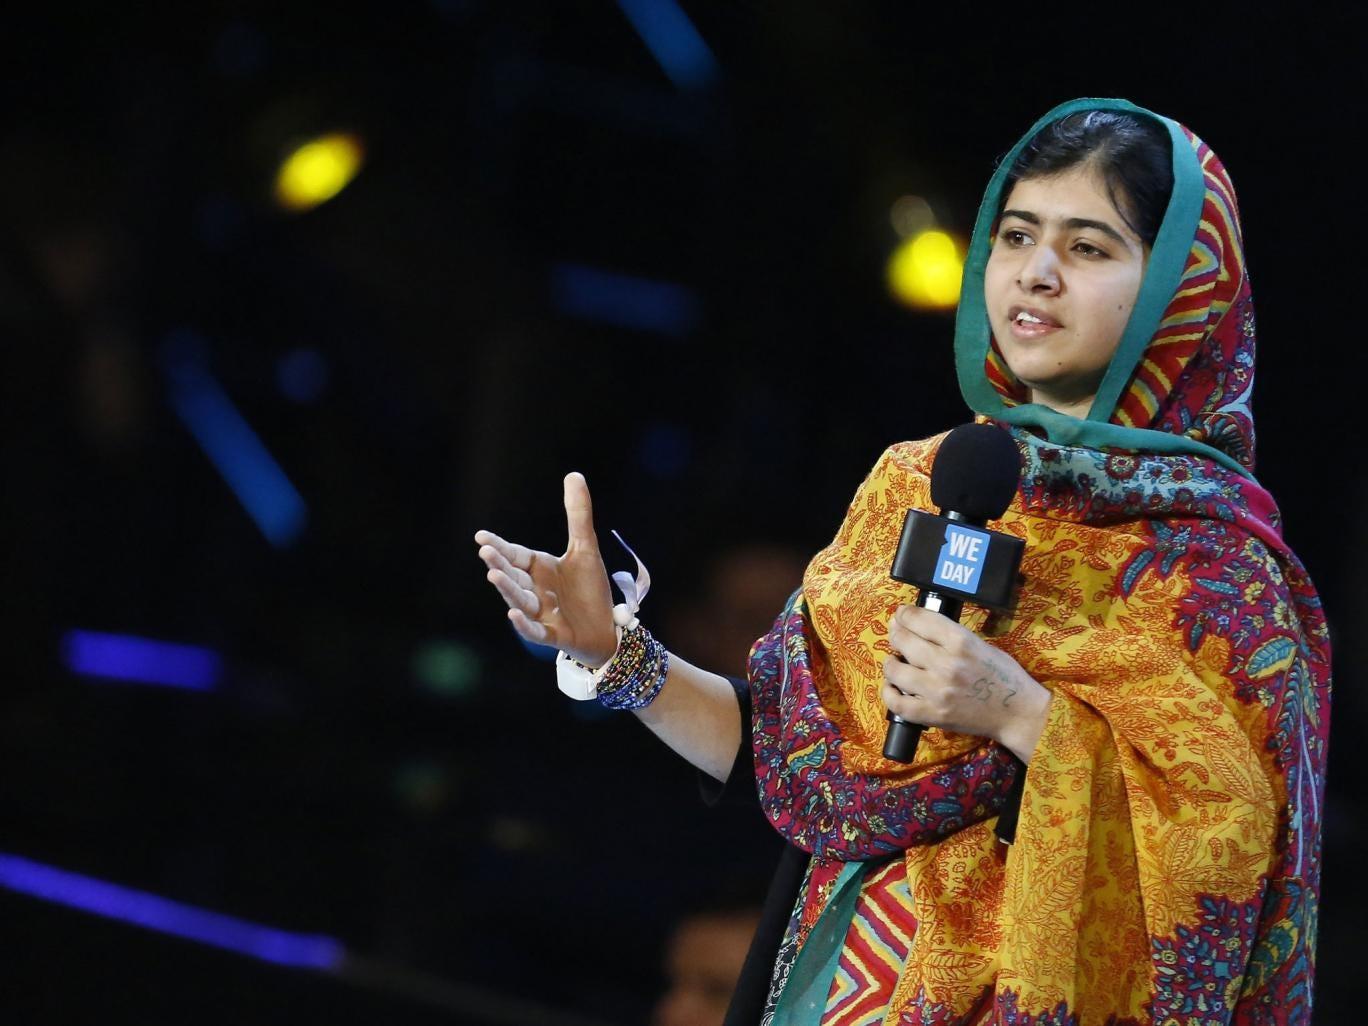 Malala Yousafzai speaks at the inaugural 'We Day' at Wembley Arena on Friday